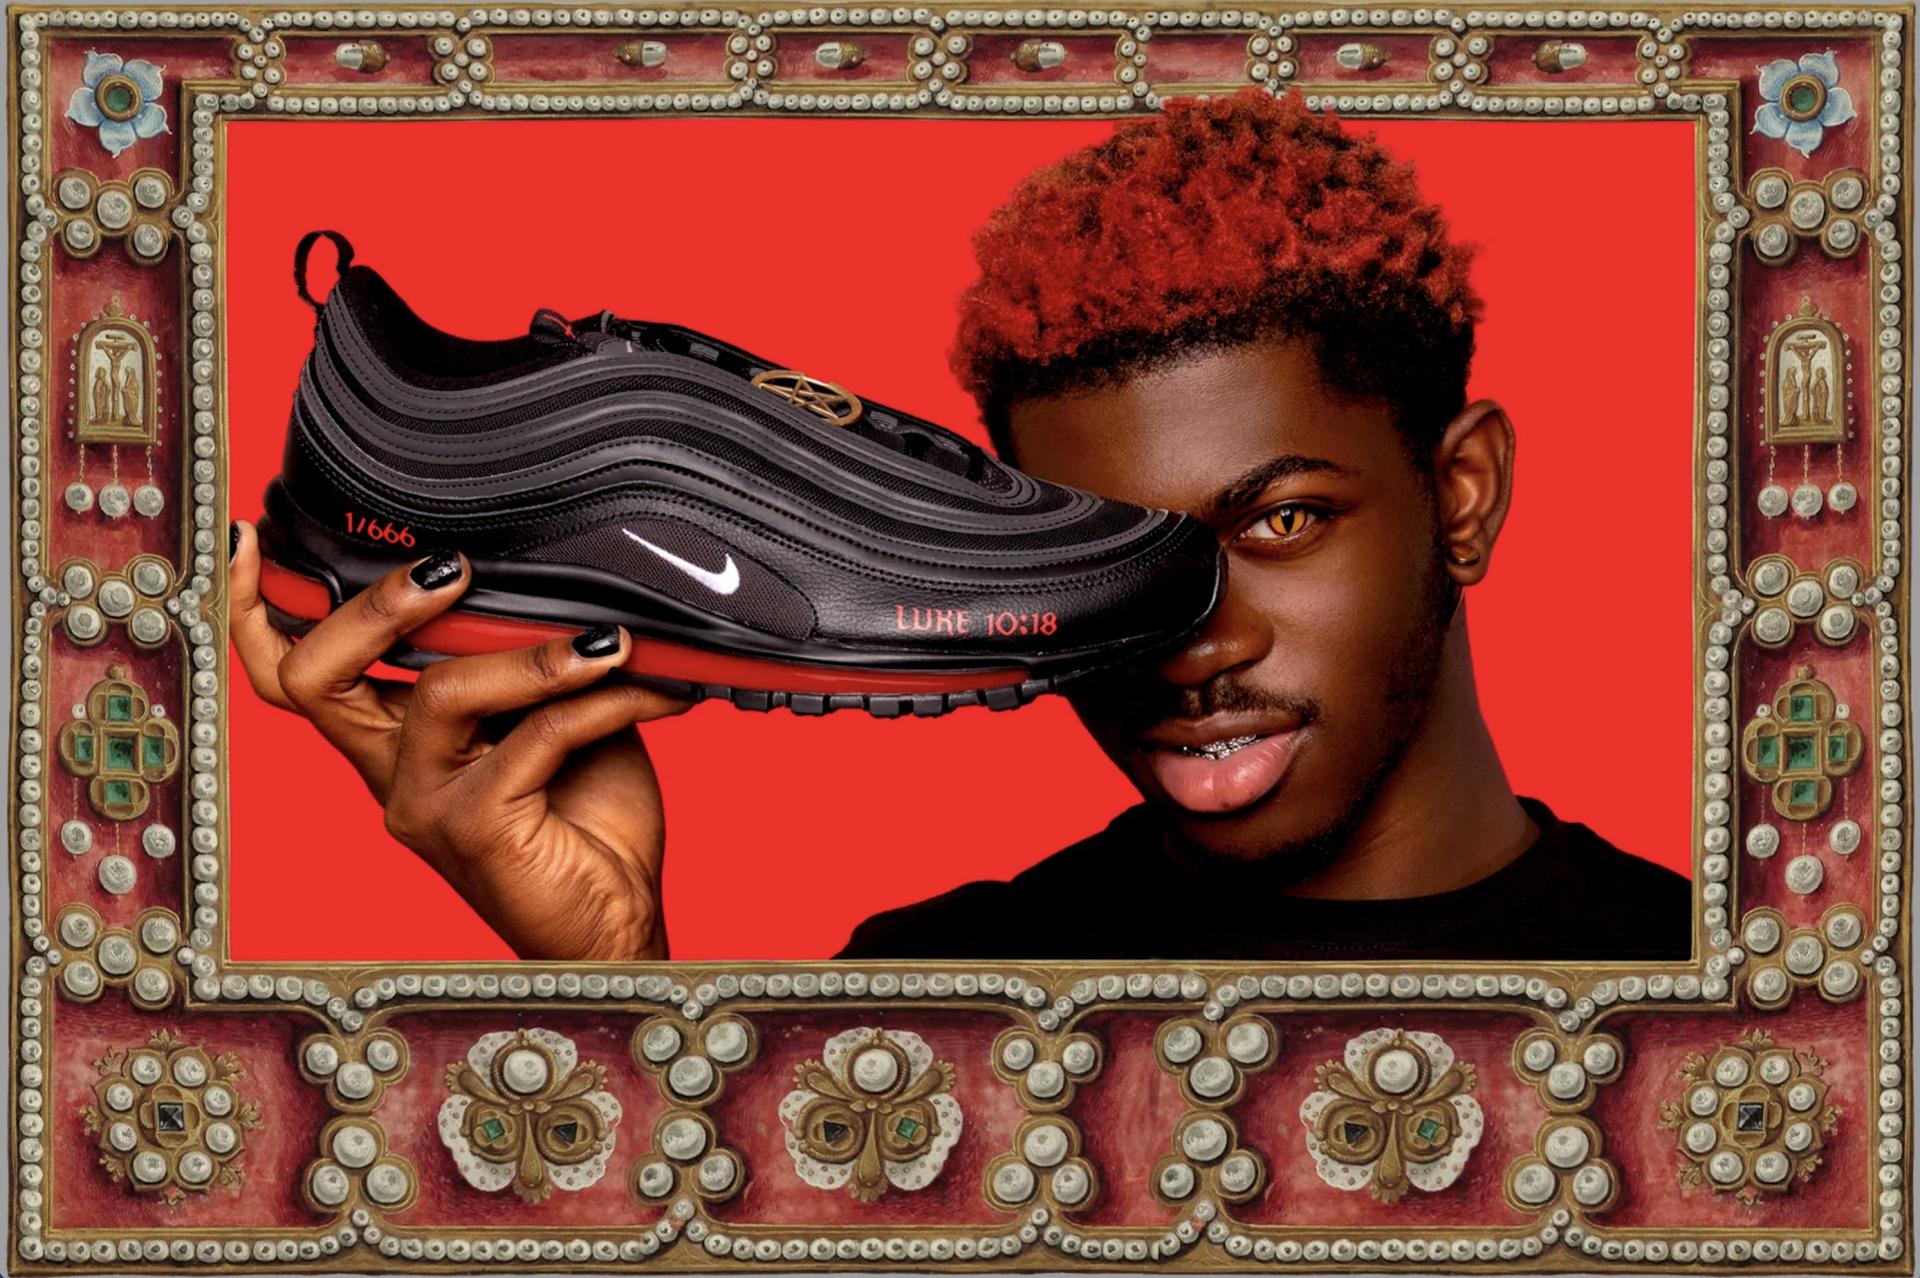 Des Nike sataniques avec une vraie goutte de sang font scandale aux États-Unis